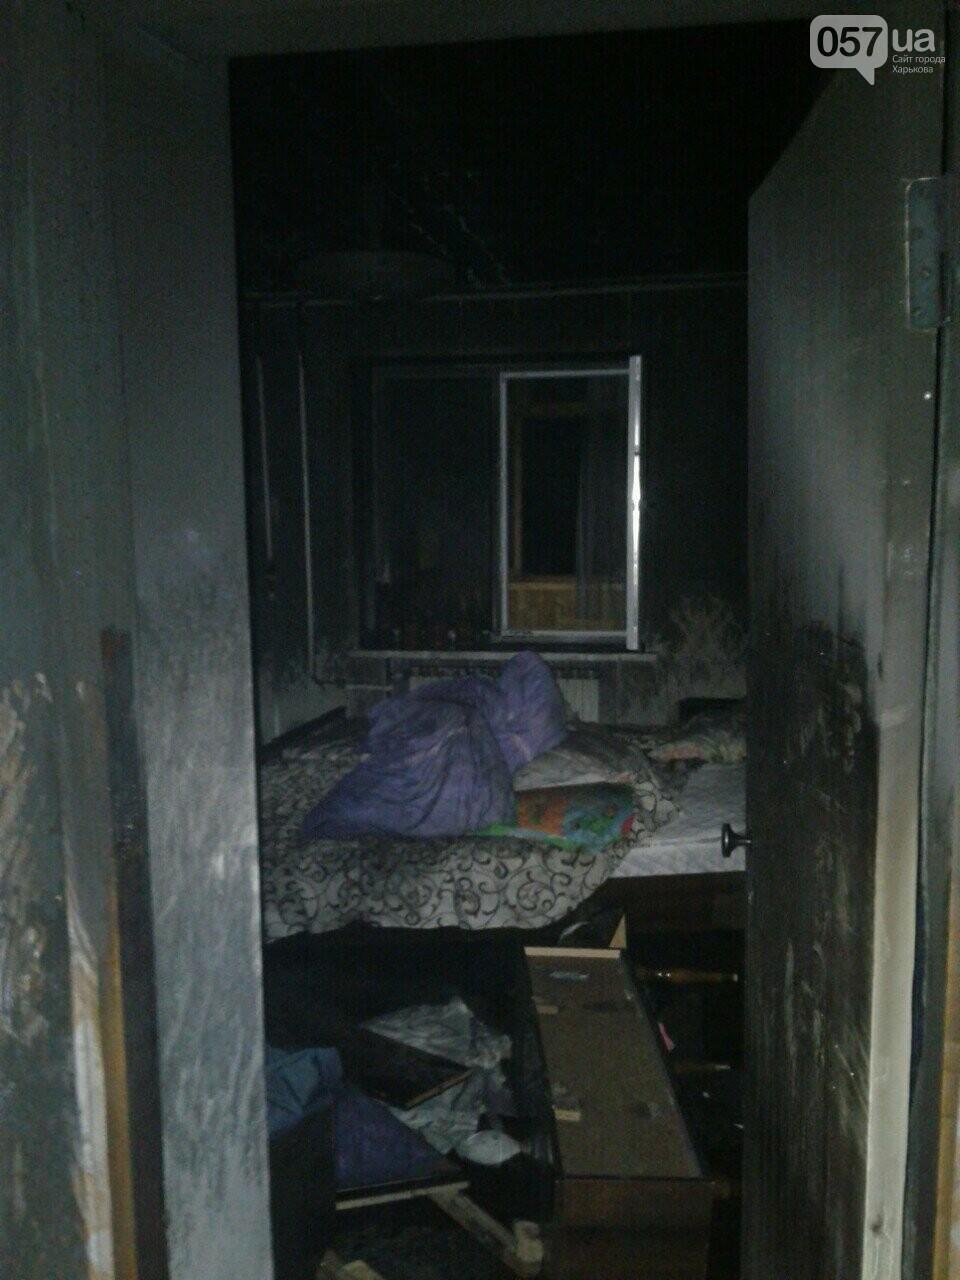 В Харькове из-за короткого замыкания загорелась квартира: погибла женщина и пострадали трое детей, - ФОТО, фото-2